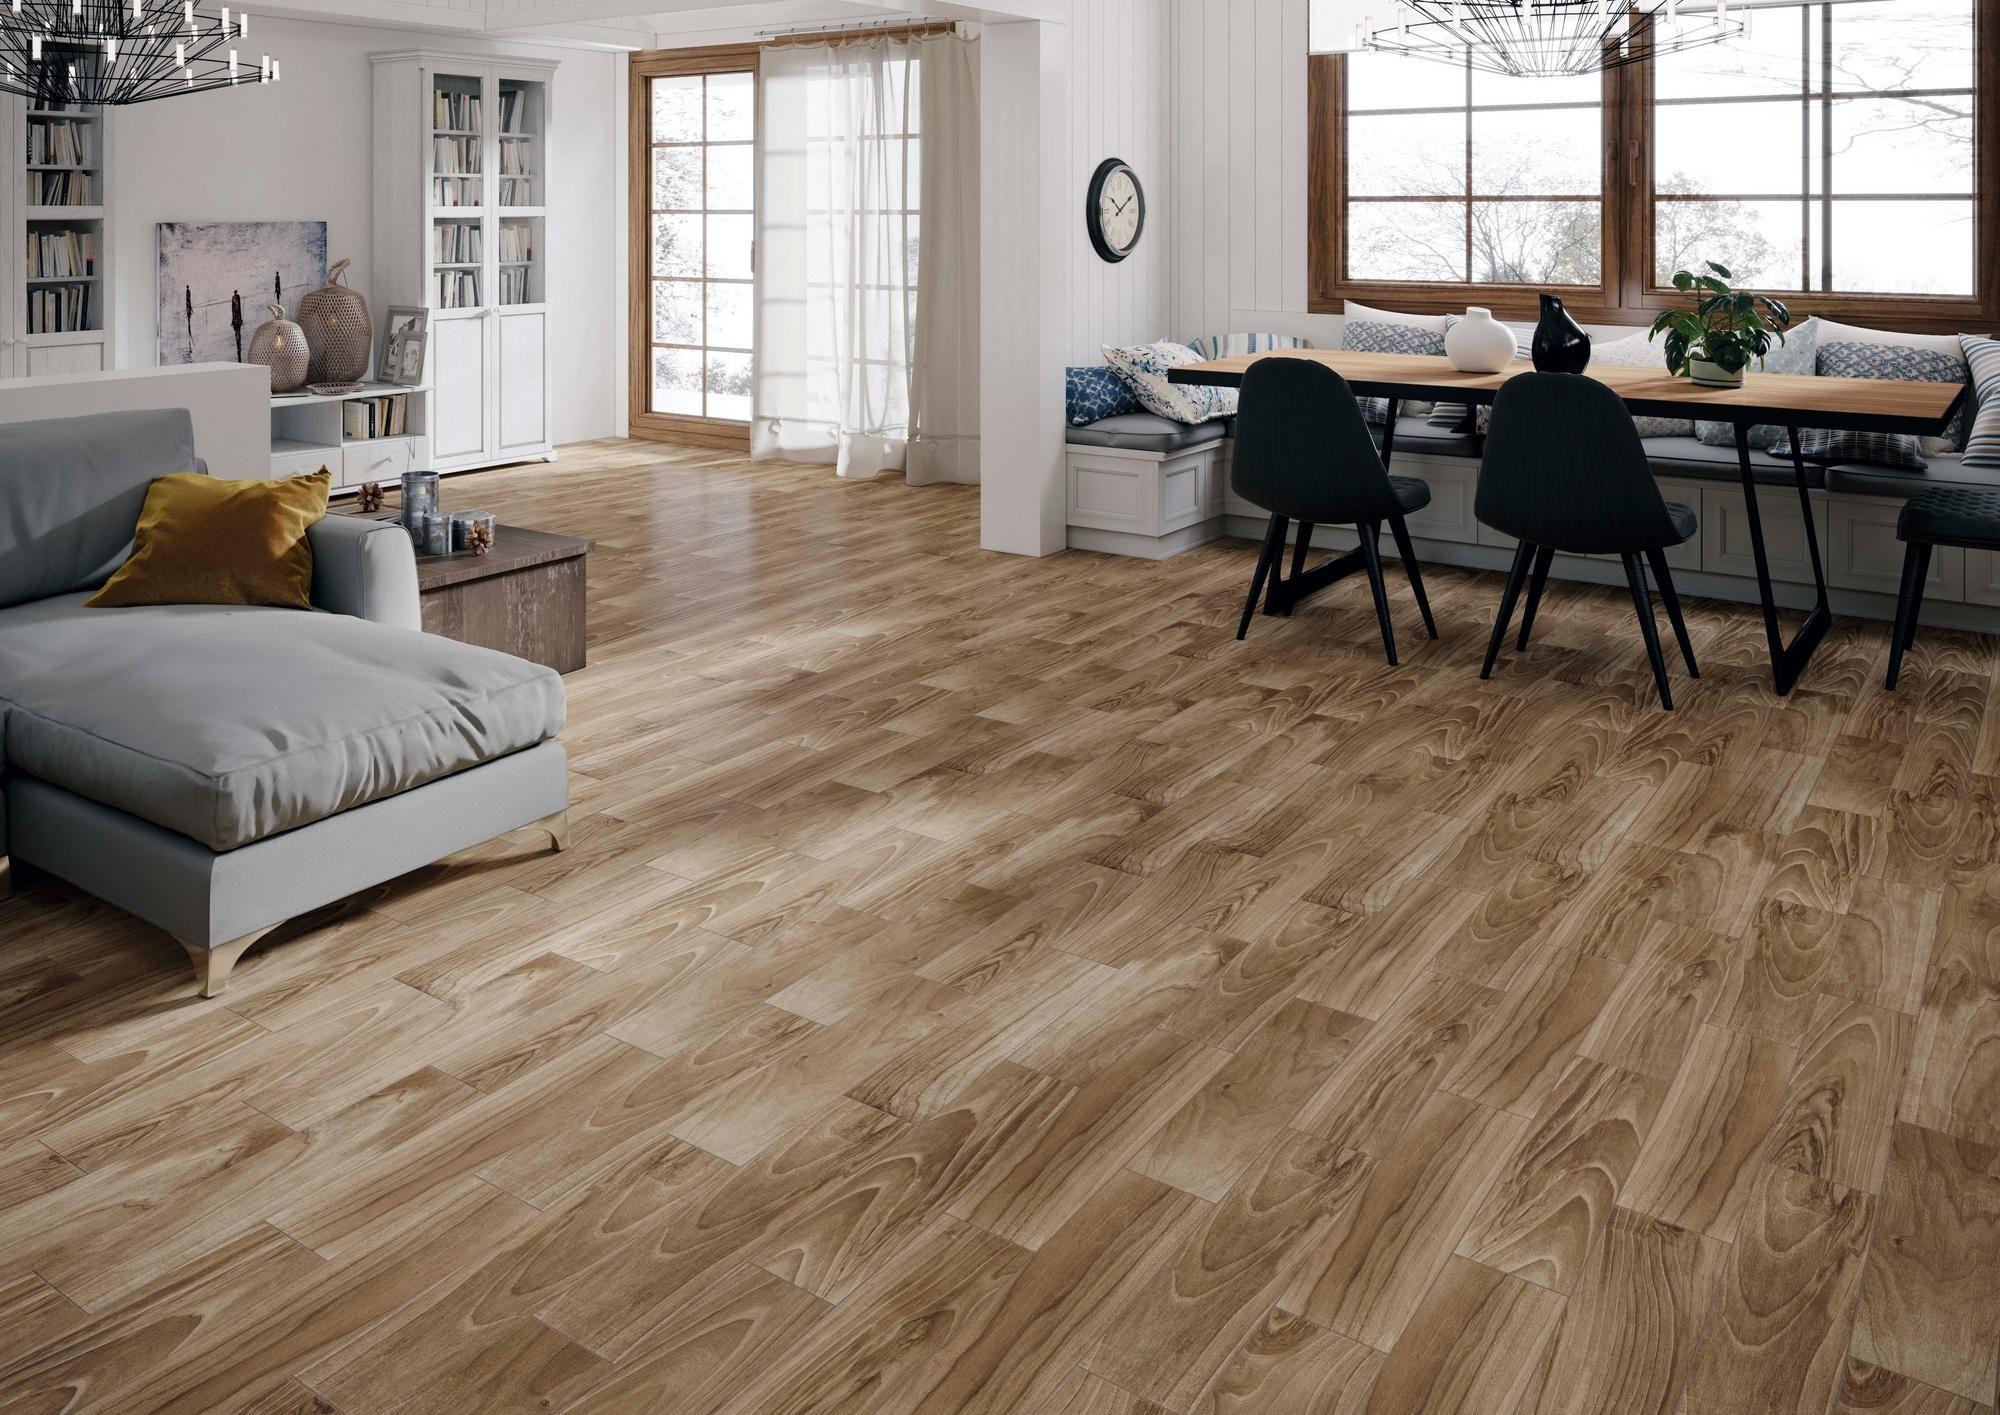 Dayton Oak Wood Plank Ceramic Tile Wood Planks Oak Wood Wood Look Tile Floor